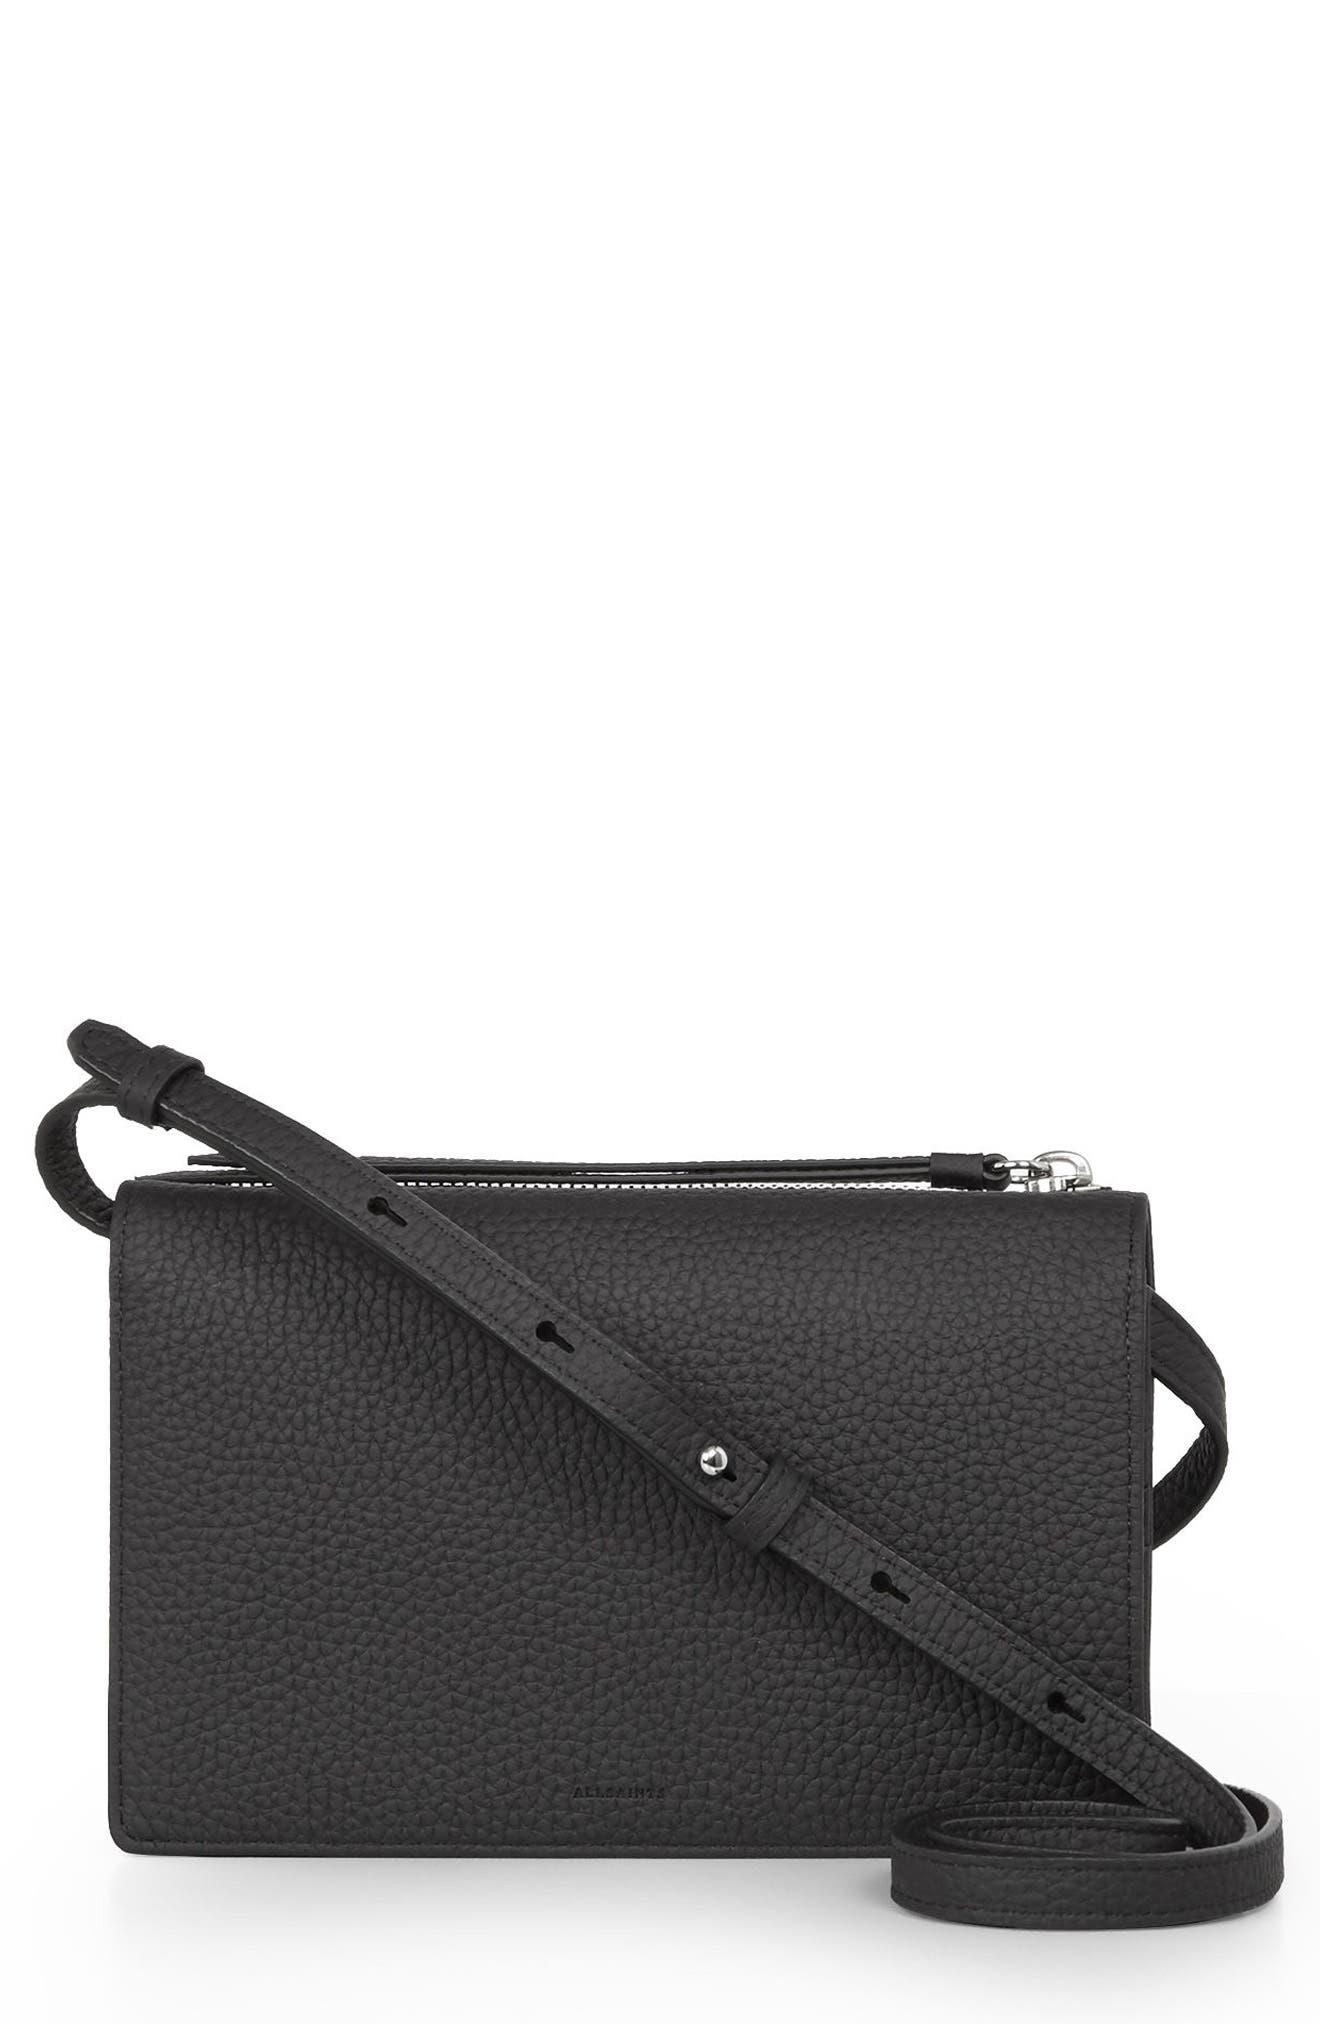 ALLSAINTS Fetch Leather Crossbody Wallet